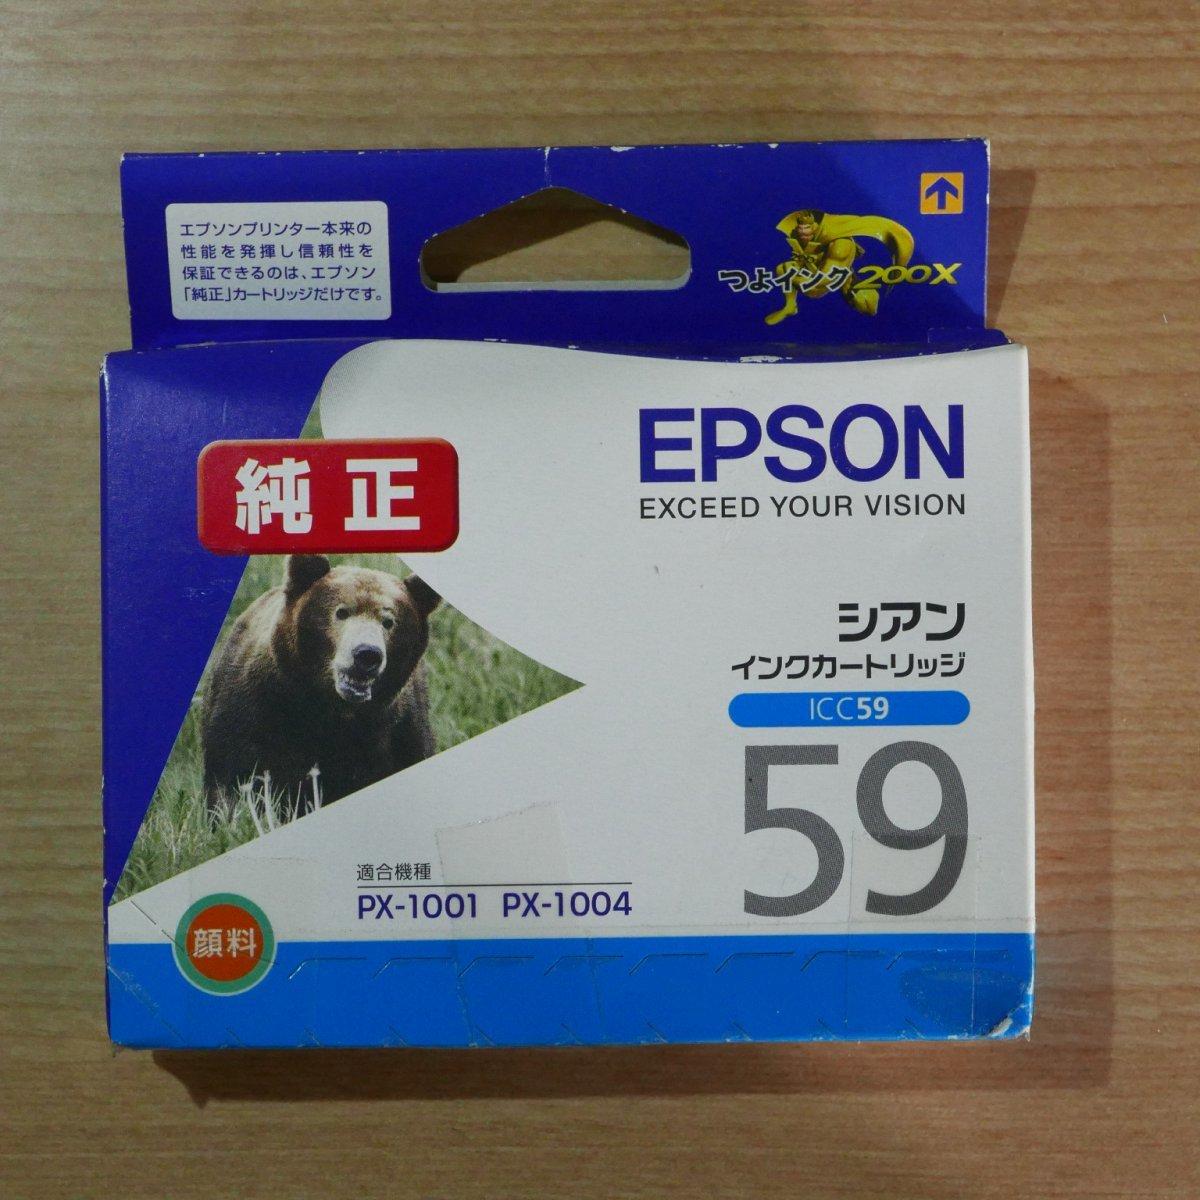 EPSON ICC59 エプソン純正インクカートリッジ (期限切れ 2019.06 IC59)_画像1